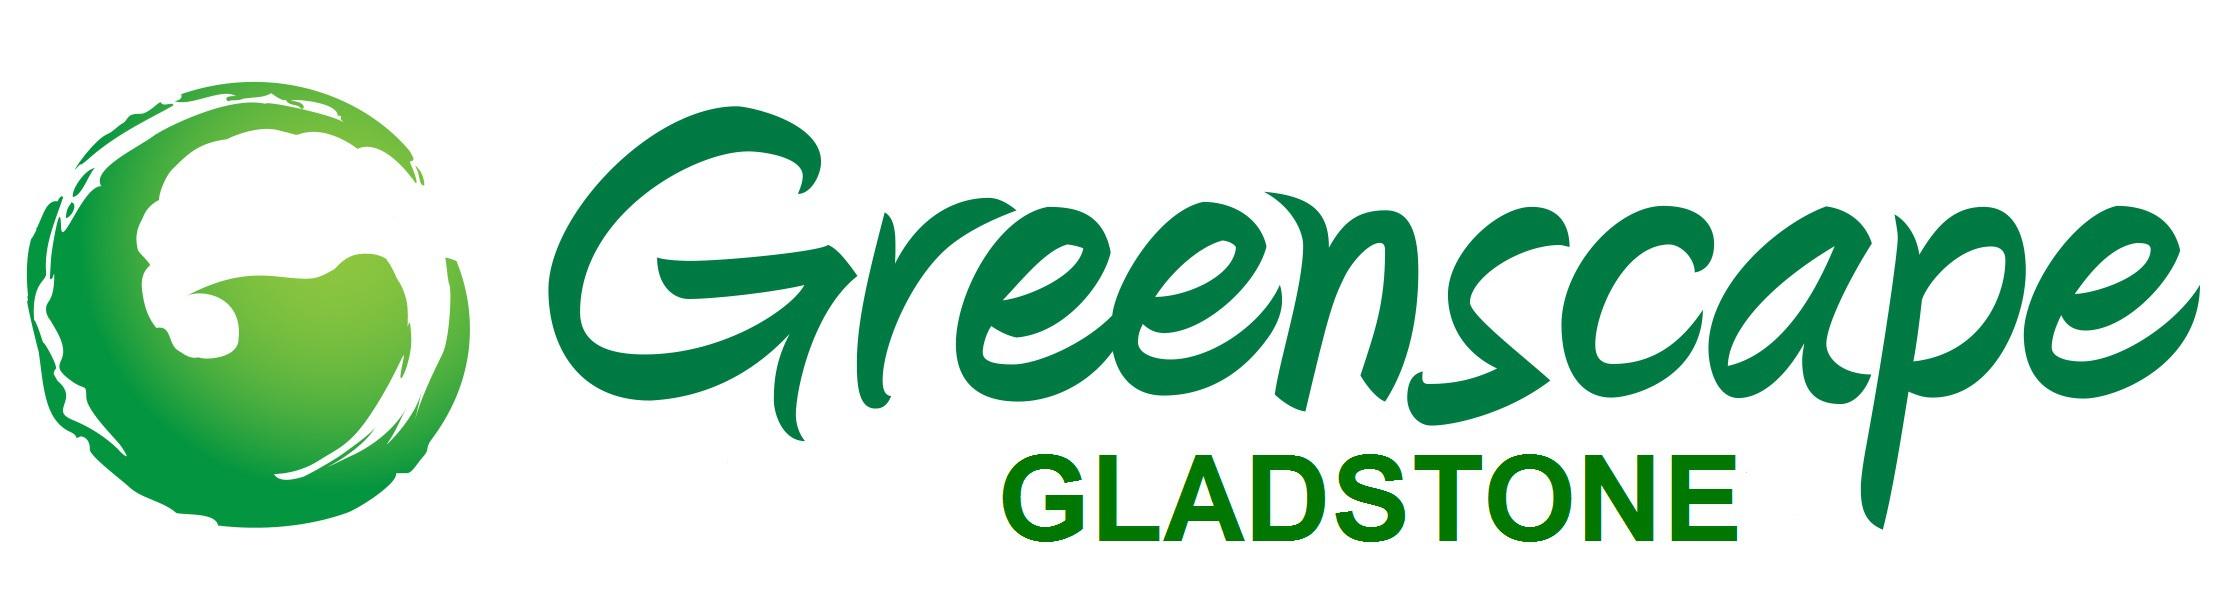 greebscape gladstone